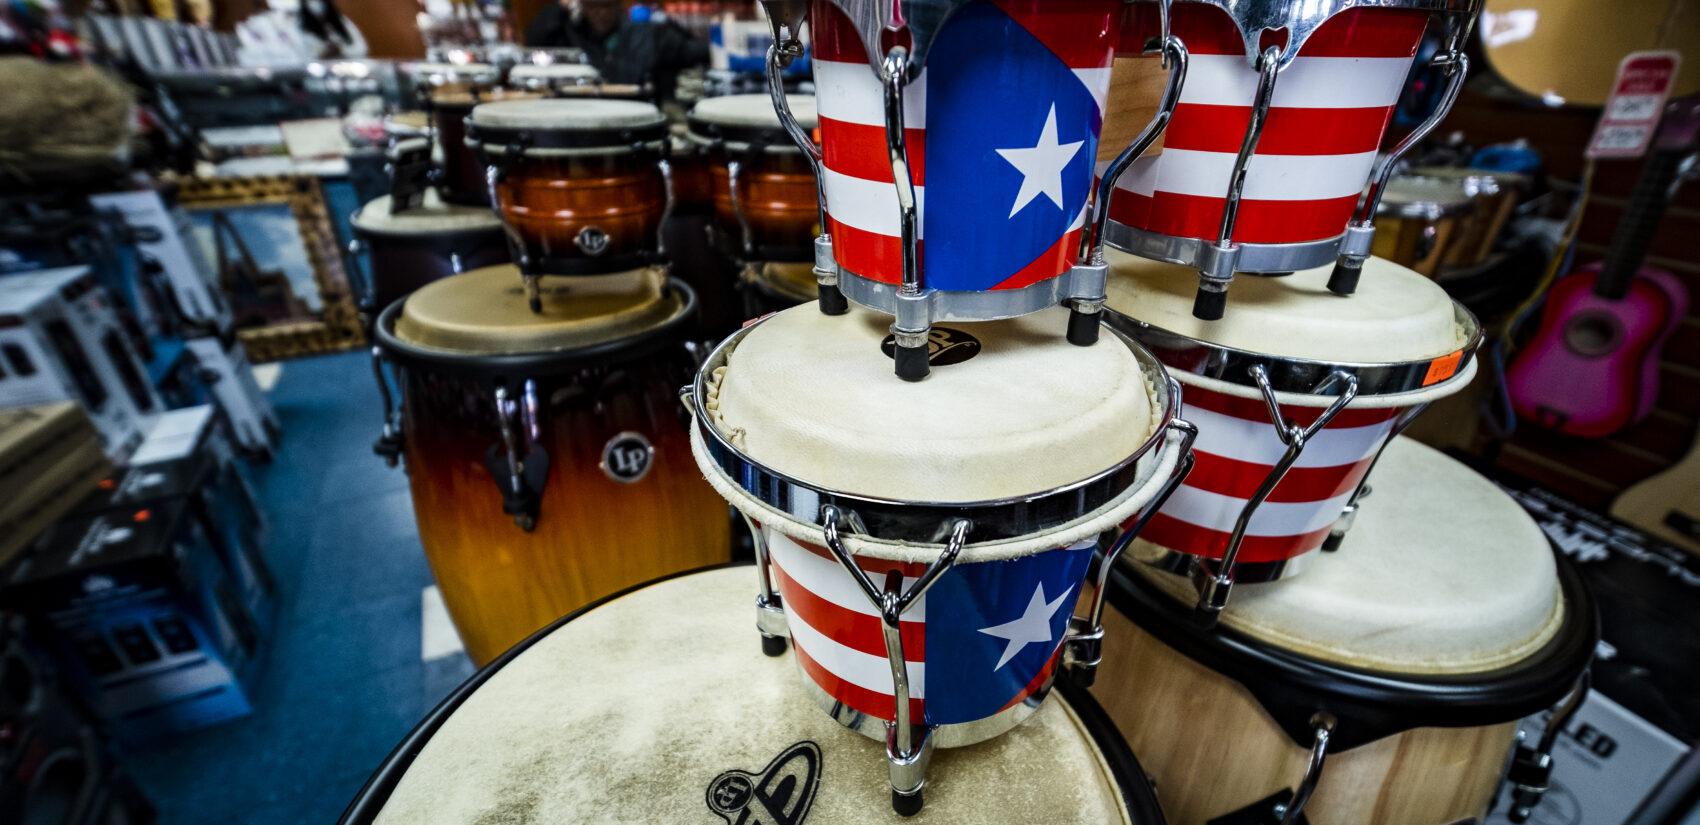 Bongos and congas adorned with the Puerto Rican flag. | Bongos y congas adornados con la bandera puertorriqueña. (Photo by Bernardo Morillo for WHYY)